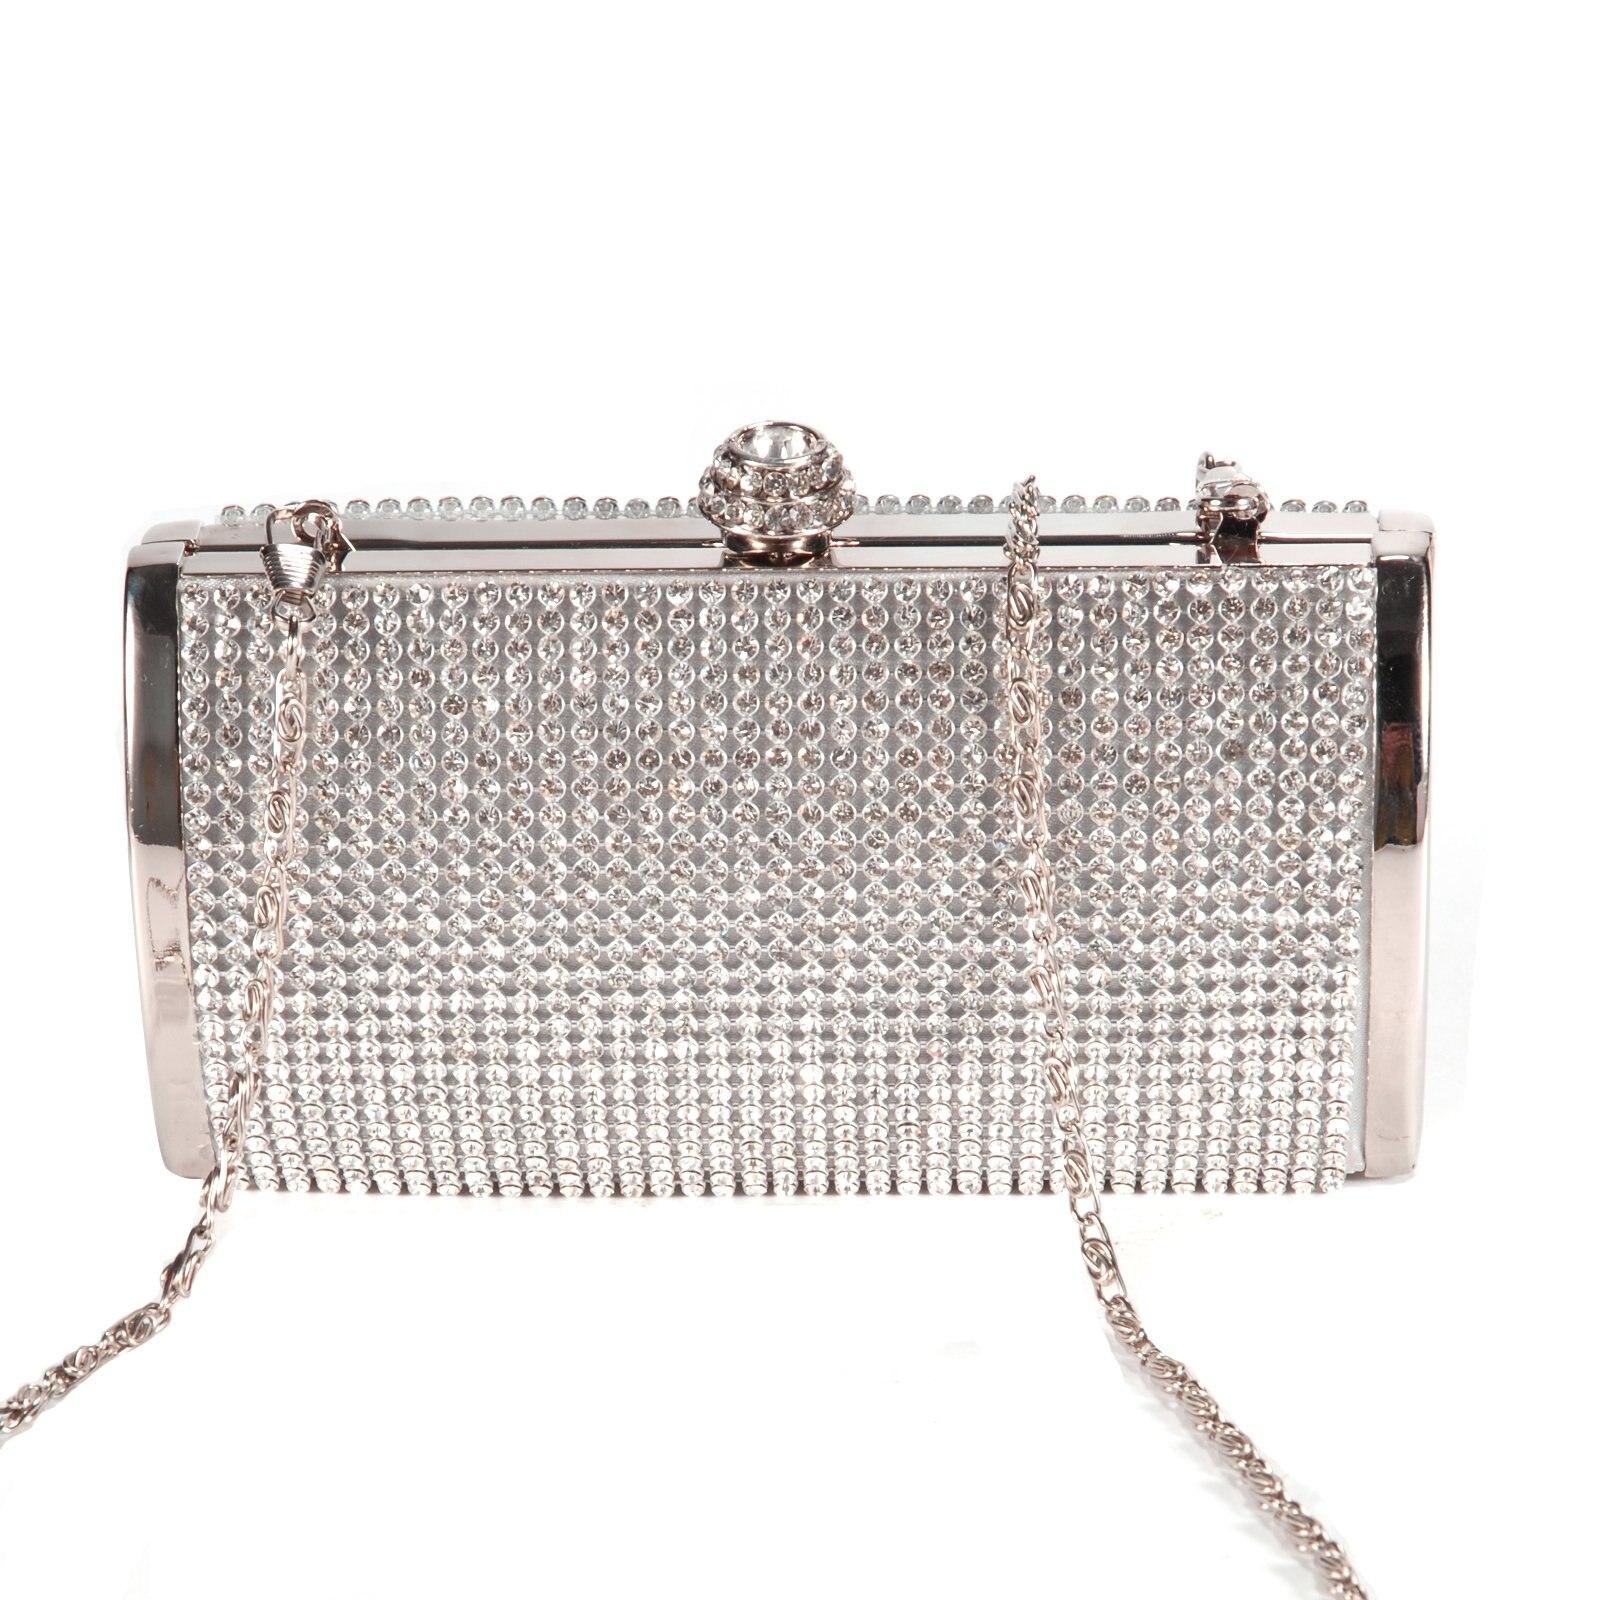 cc5625512e89 Texu/diamond cluthes длинные руки мешок со стразами вечерняя сумочка; BS010  цепь сумка для вечеринок и торжеств вечернее клатч Сумки купить на  AliExpress